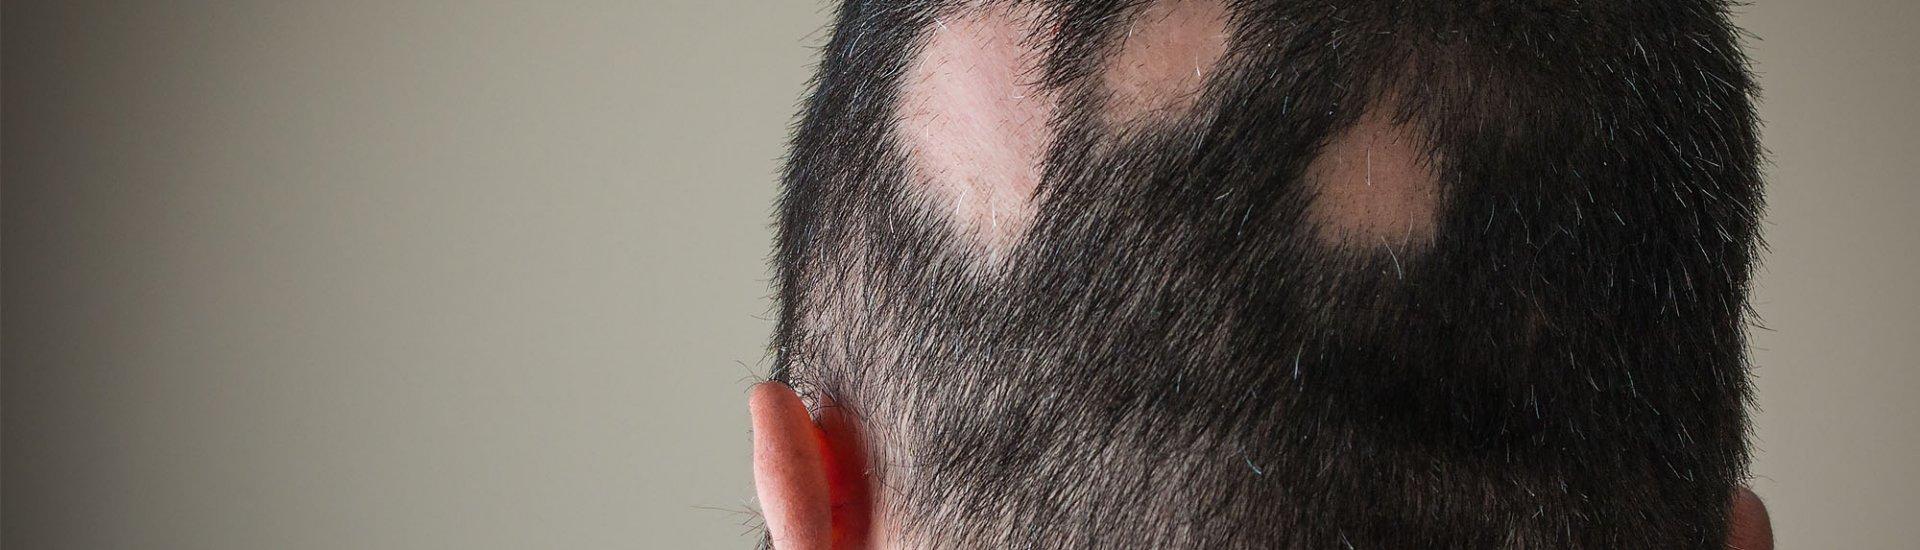 Kreisrunder Haarausfall: Ursachen, Symptome, Therapie